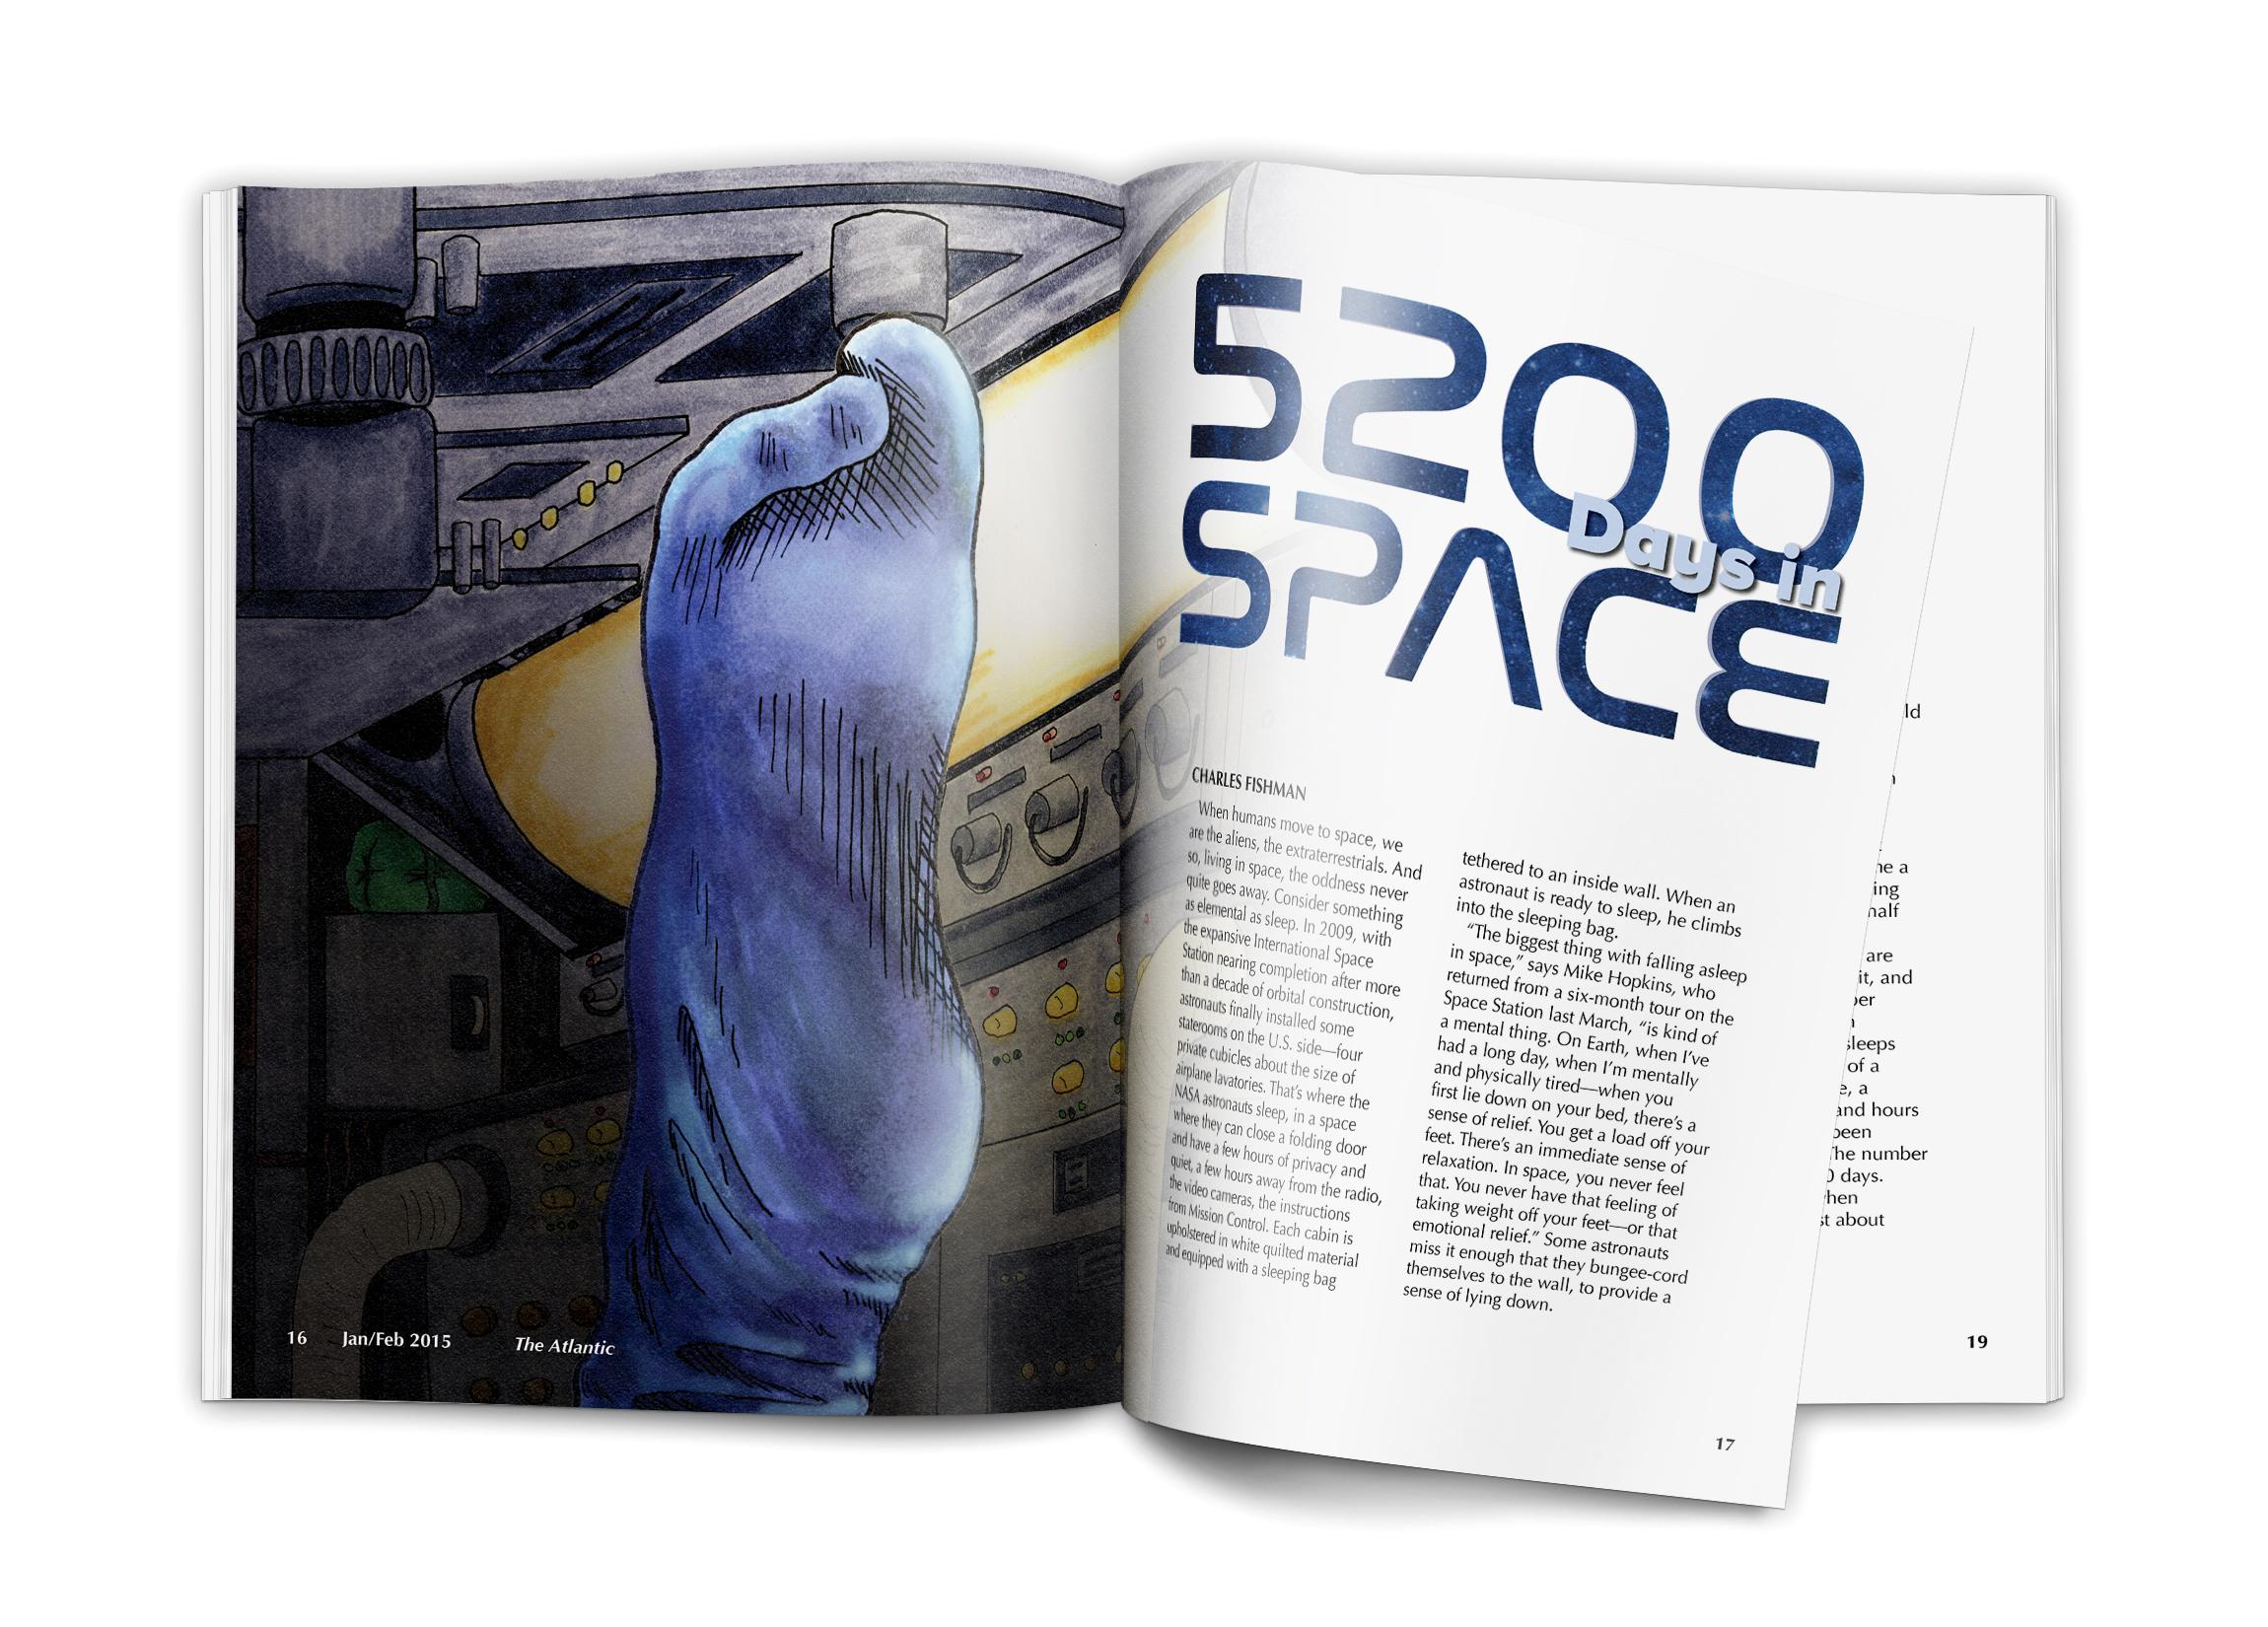 5200-Days-in-Space-Mockup.jpg